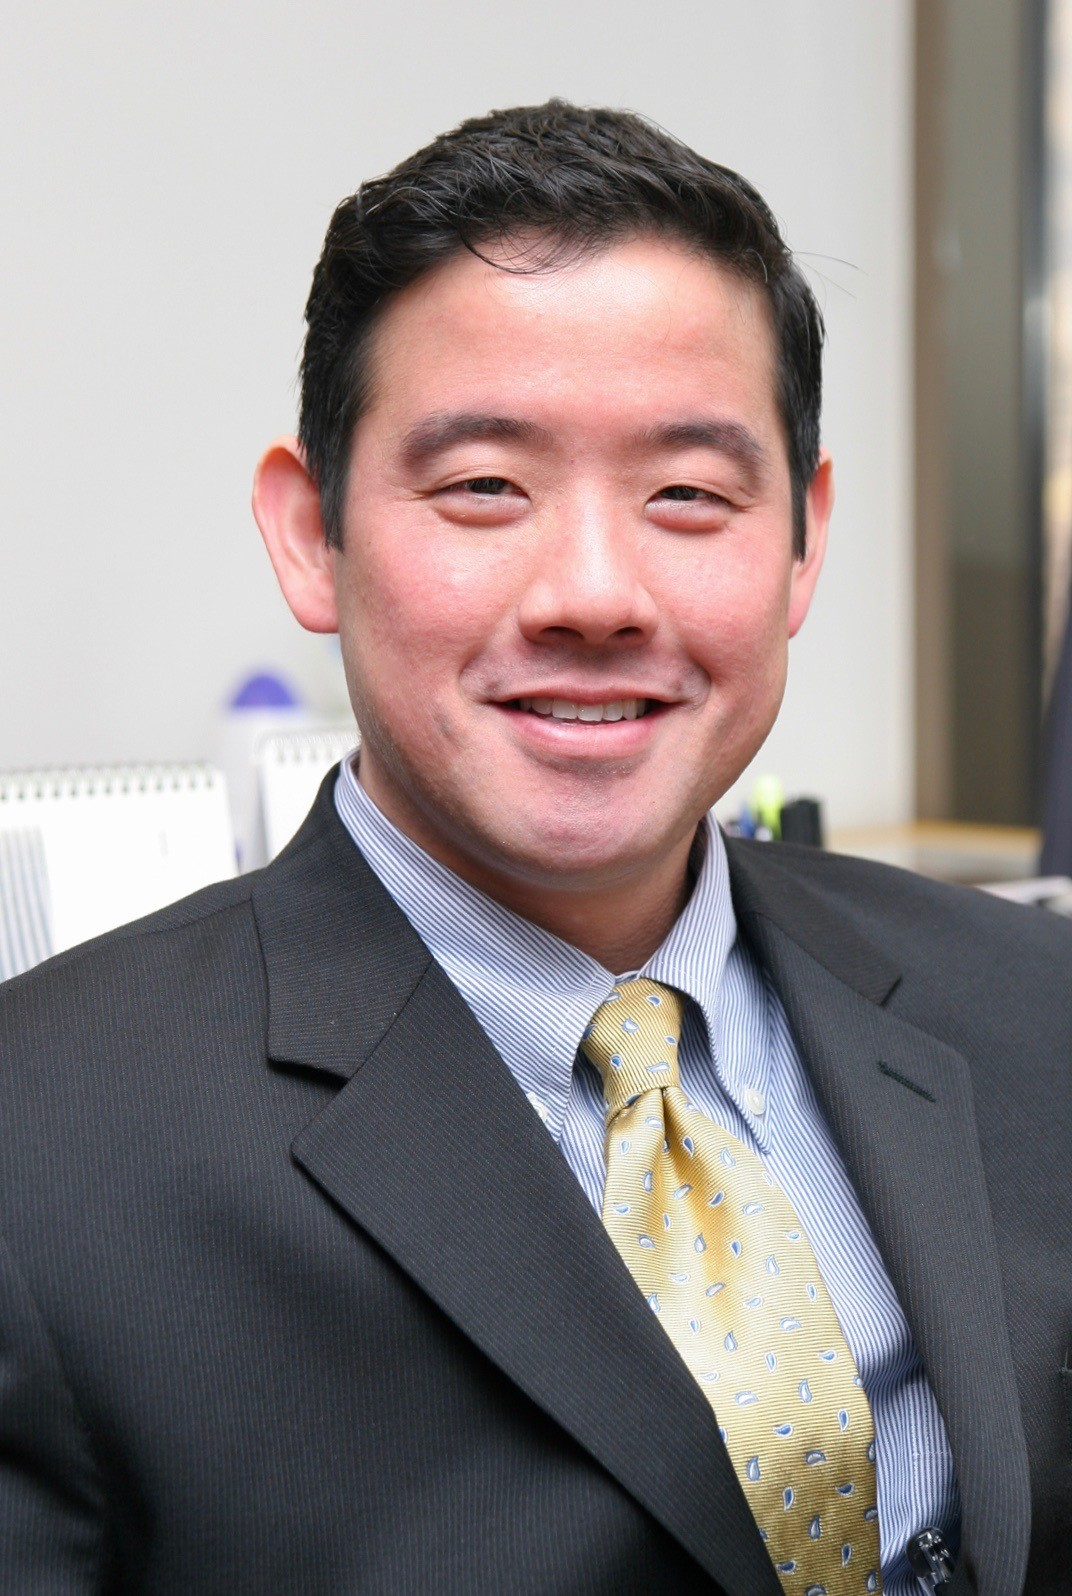 Nick Tomizawa